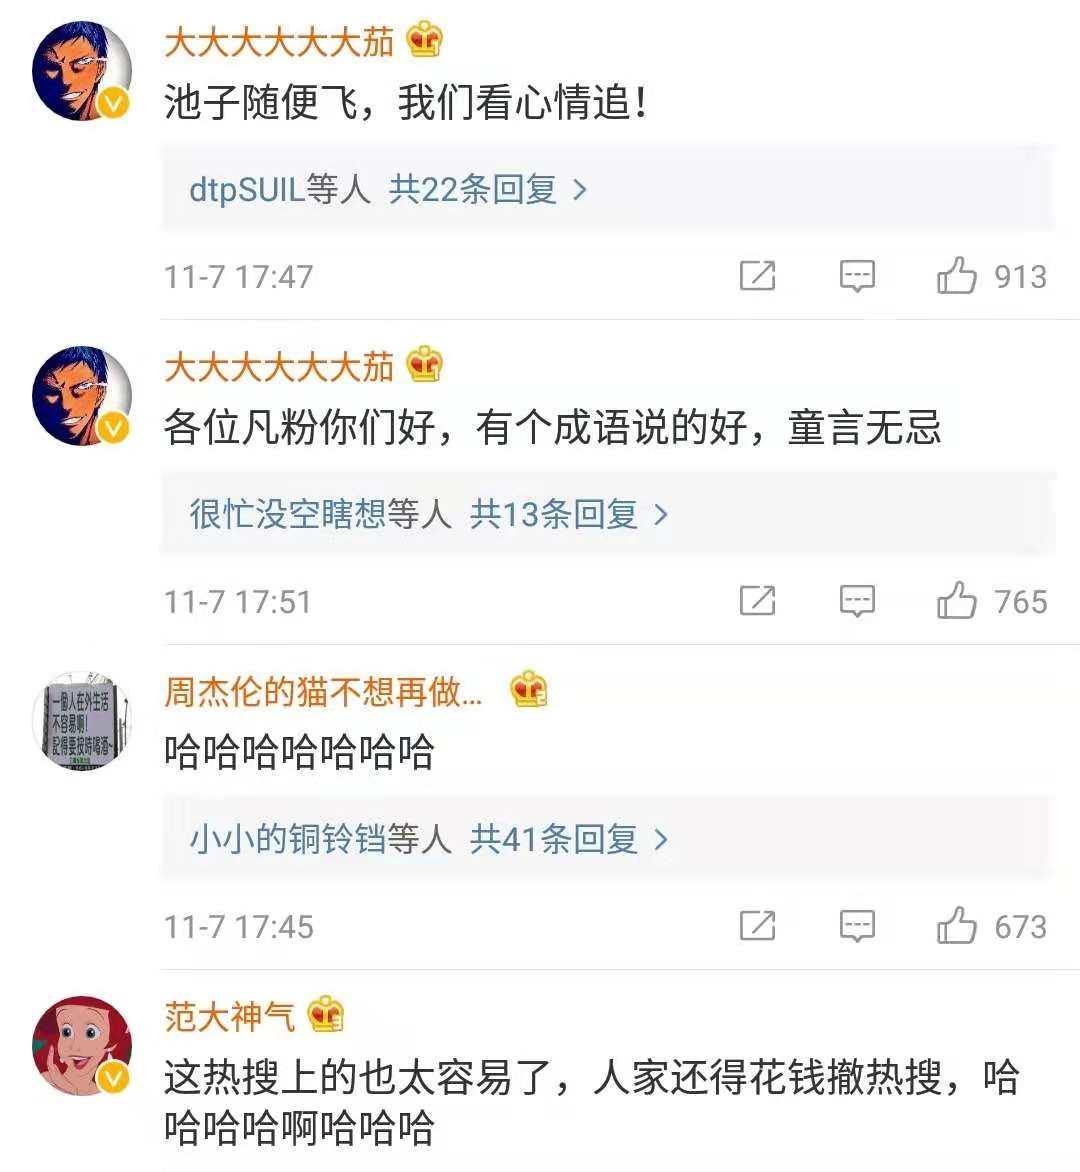 池子针对吴亦凡粉丝郑重发表声明?网友:什么鬼!